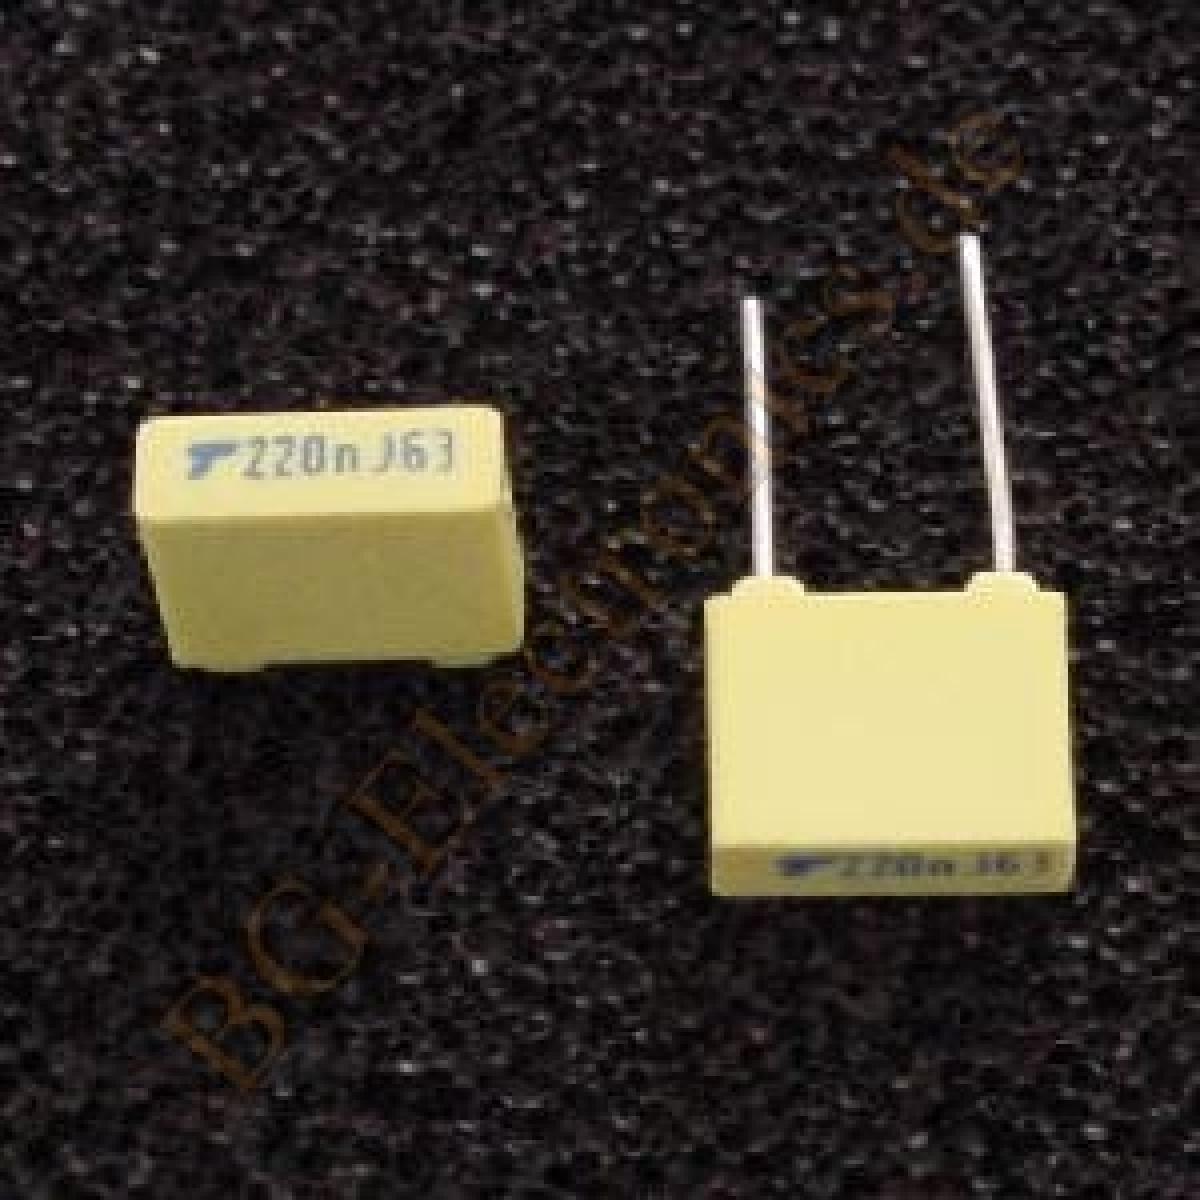 25 x 220nF 0.220uF 0.220µF 63V MKS-2 RM5 Folien Kondensator Capac WIMA  25pcs